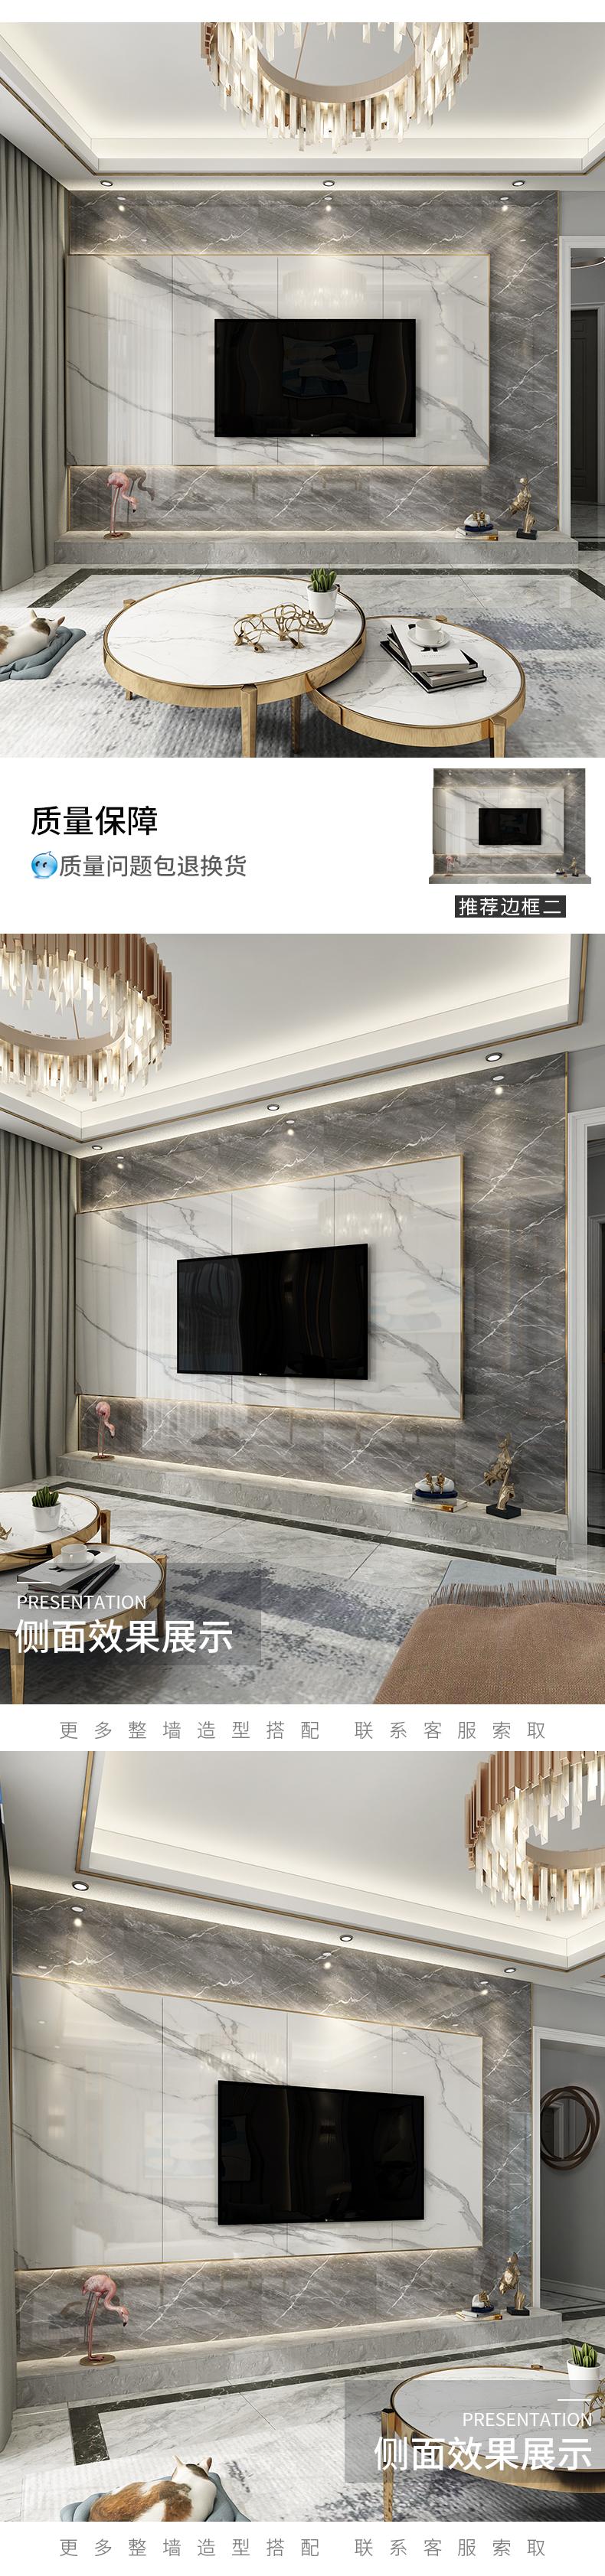 750'1500 Slate Marble truyền hình nền gốm Gạch Gạch men men men tráng lệ phim những bức tường ánh s